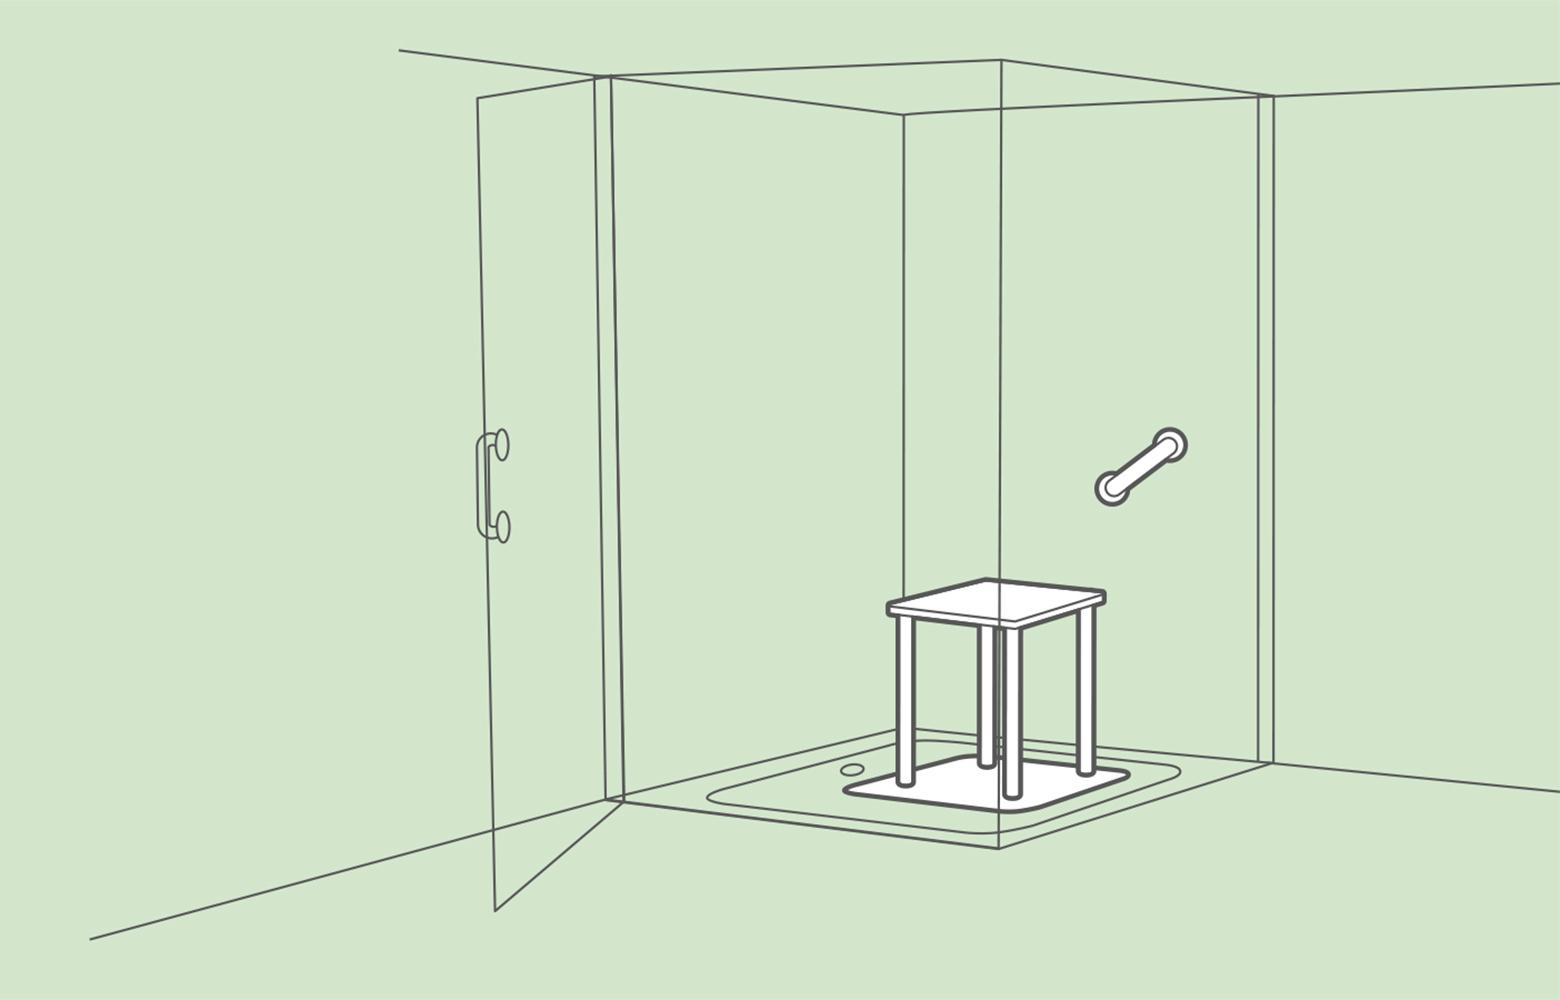 Full Size of Ebenerdige Dusche Behindertengerechte Barrierefreie Pflegede 80x80 Grohe Thermostat Badewanne Mit Tür Und Duschen Kaufen Raindance Bodengleiche Abfluss Dusche Ebenerdige Dusche